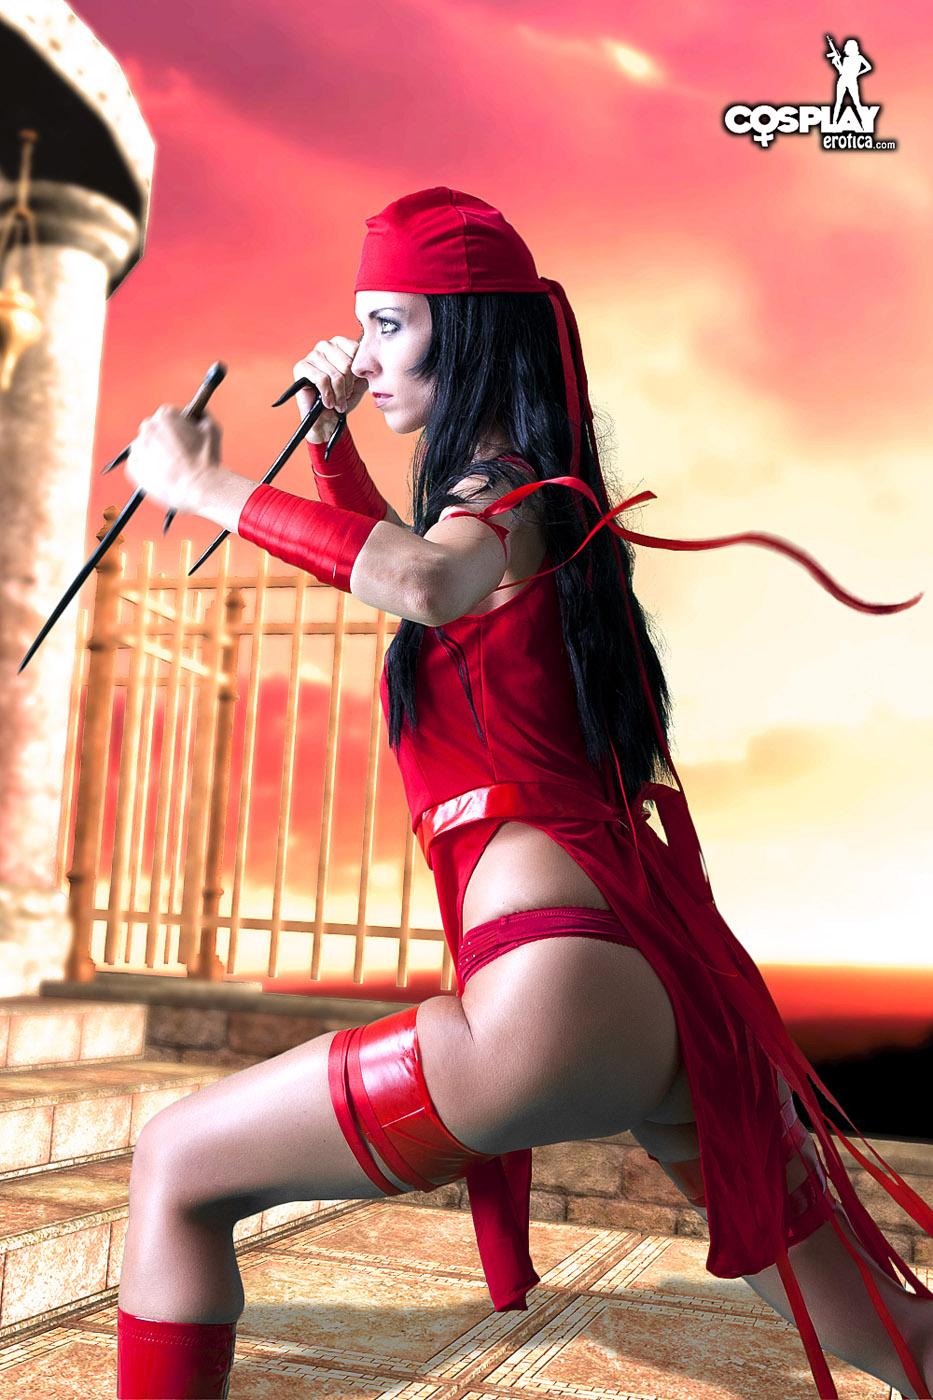 Elektra hentai manga sexy pictures